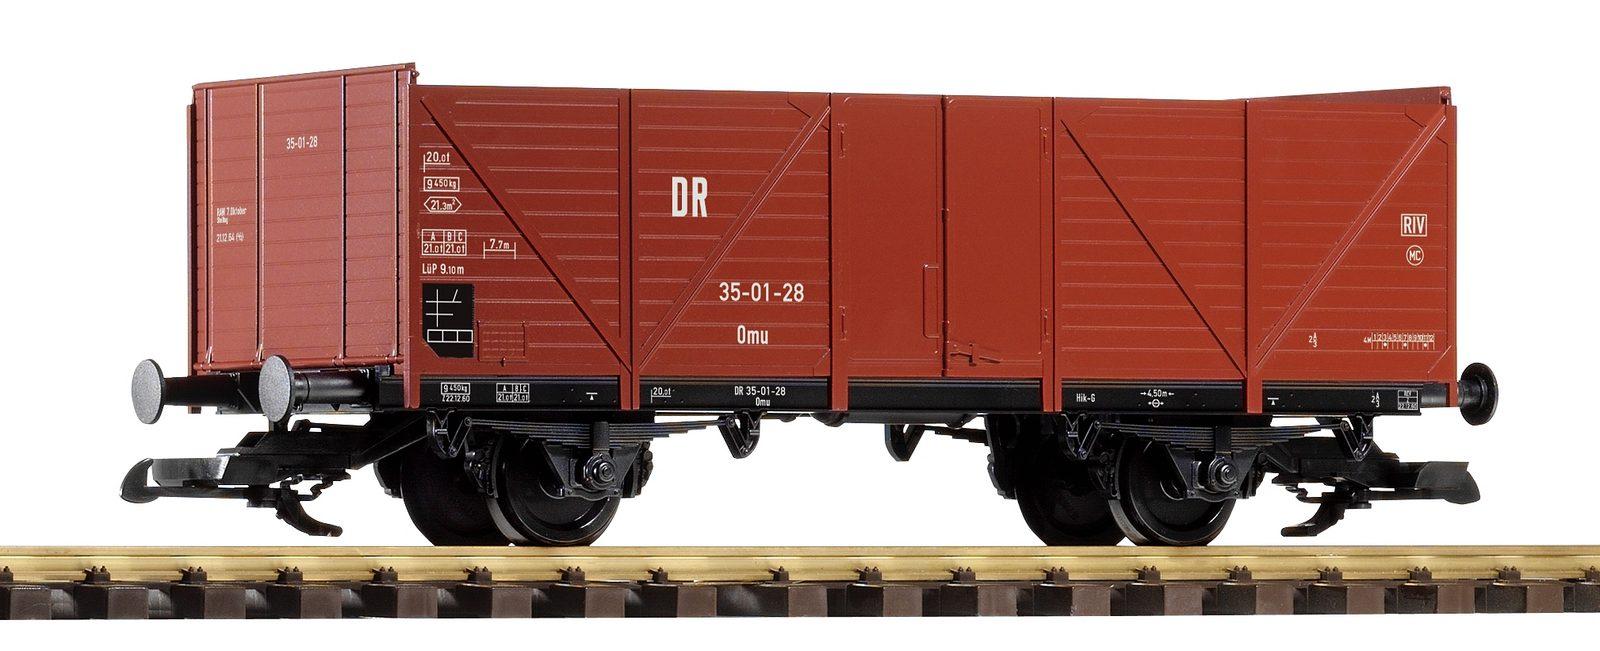 PIKO Güterwagen, Spur G, »Offener DR - Gleichstrom«